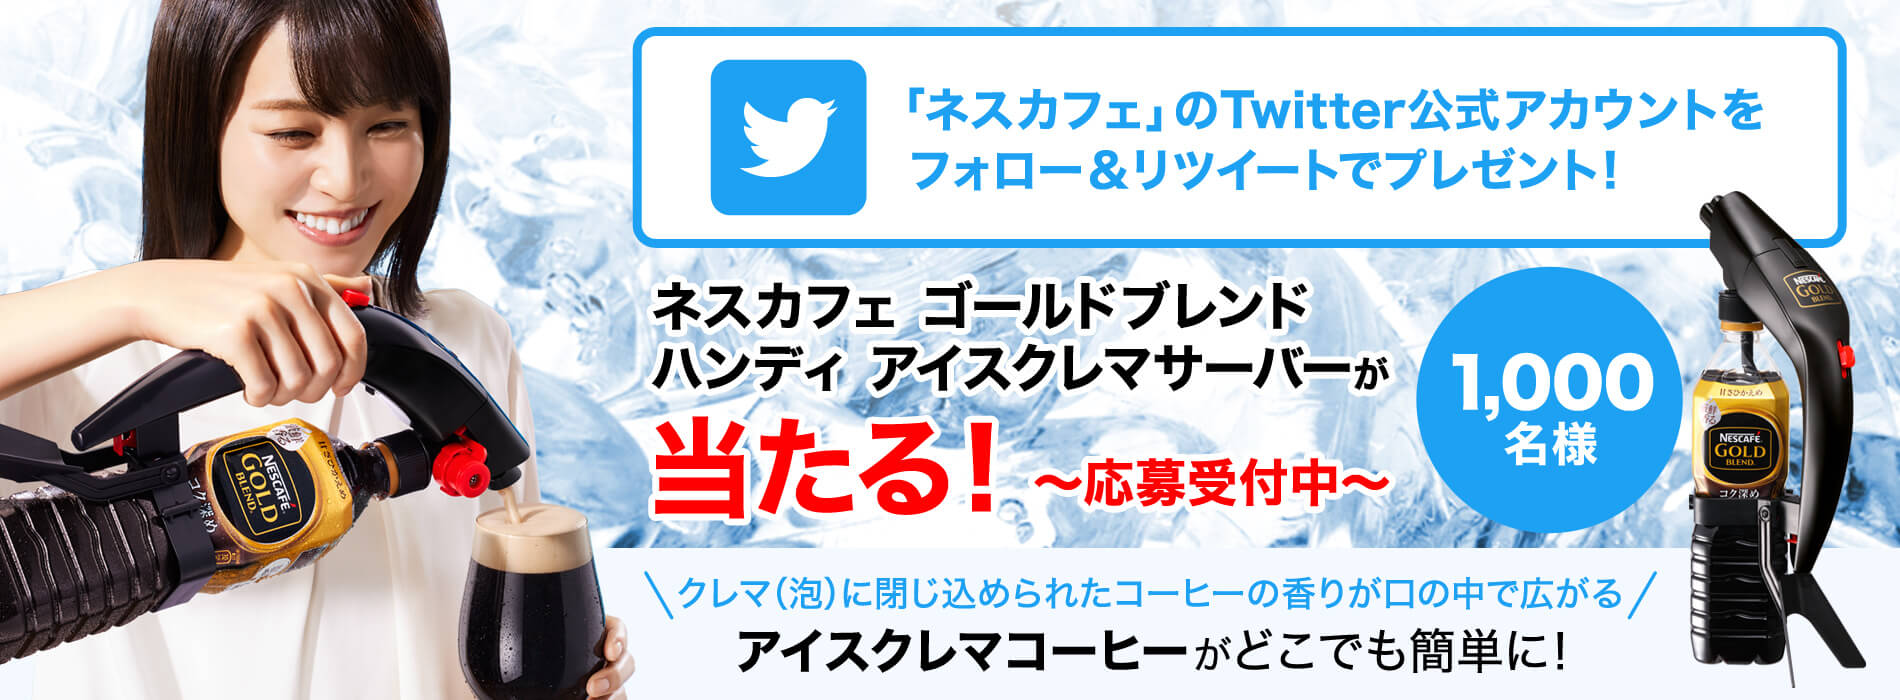 【終了】1000名様にネスカフェ ゴールドブレンド ハンディ アイスクレマサーバーが当たる!